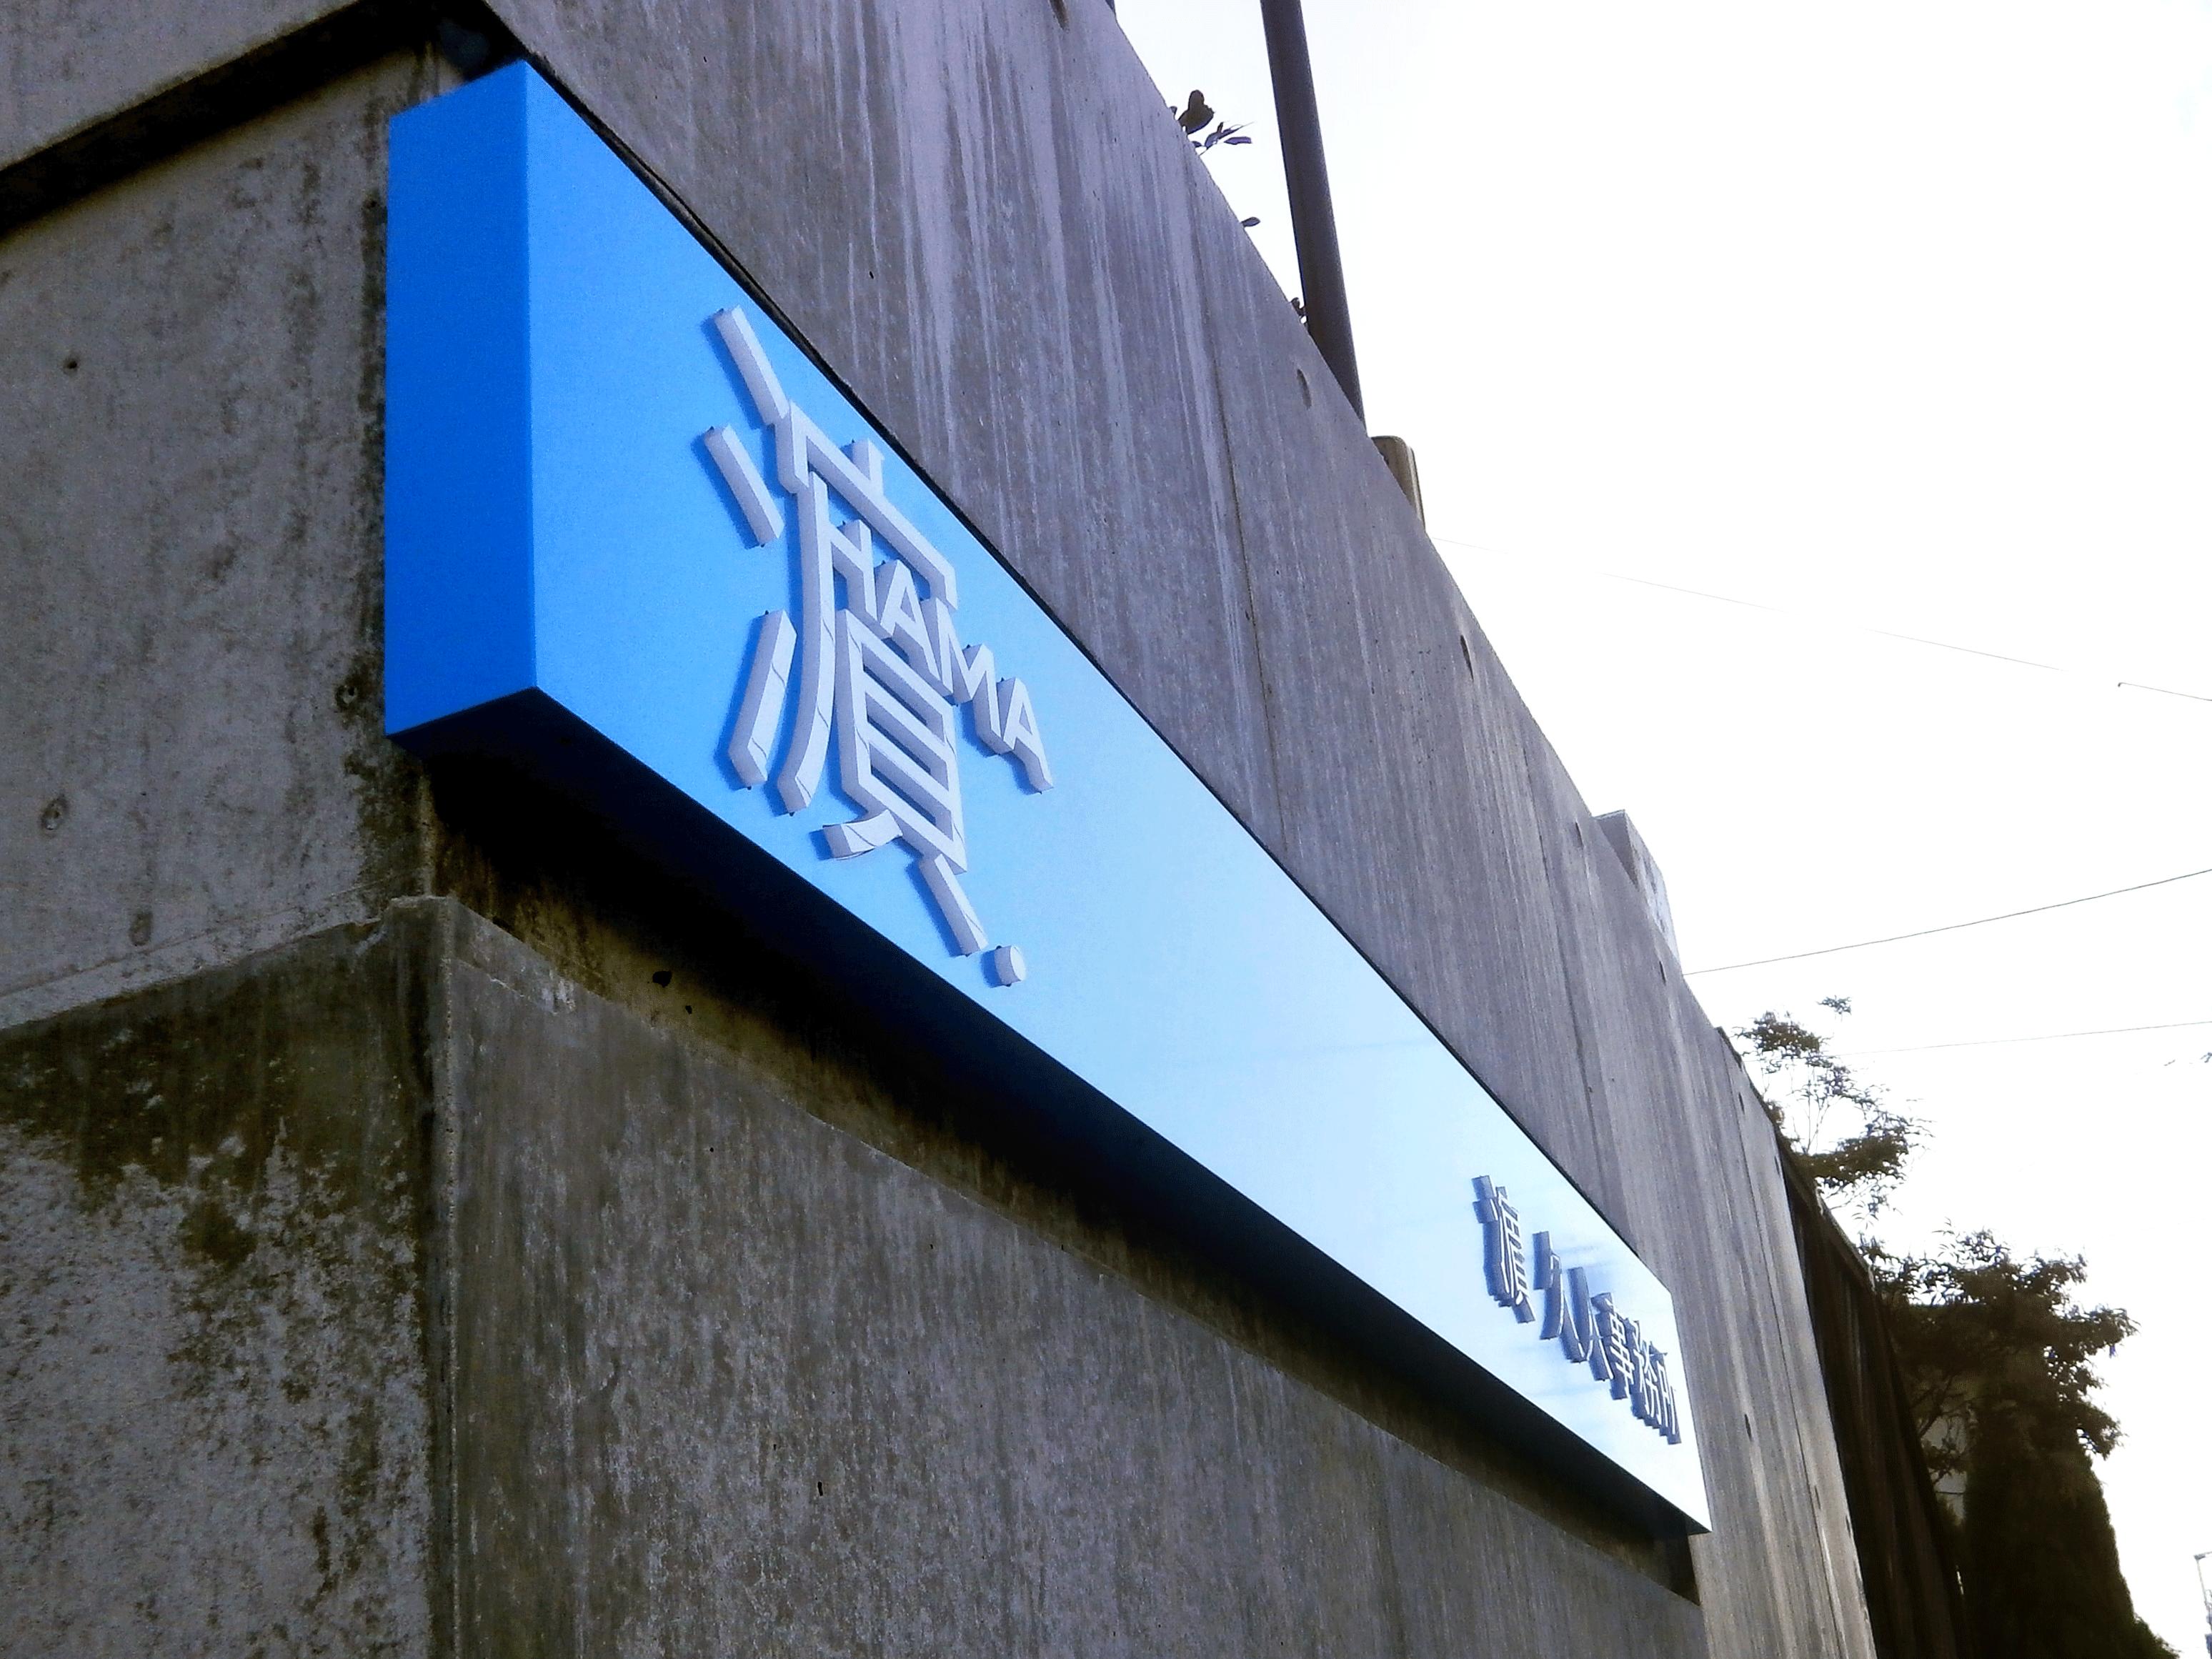 ファサード・壁面看板施工事例写真 愛知県 象嵌看板は高級感があり綺麗な看板のため店舗や企業様にお勧めの看板です